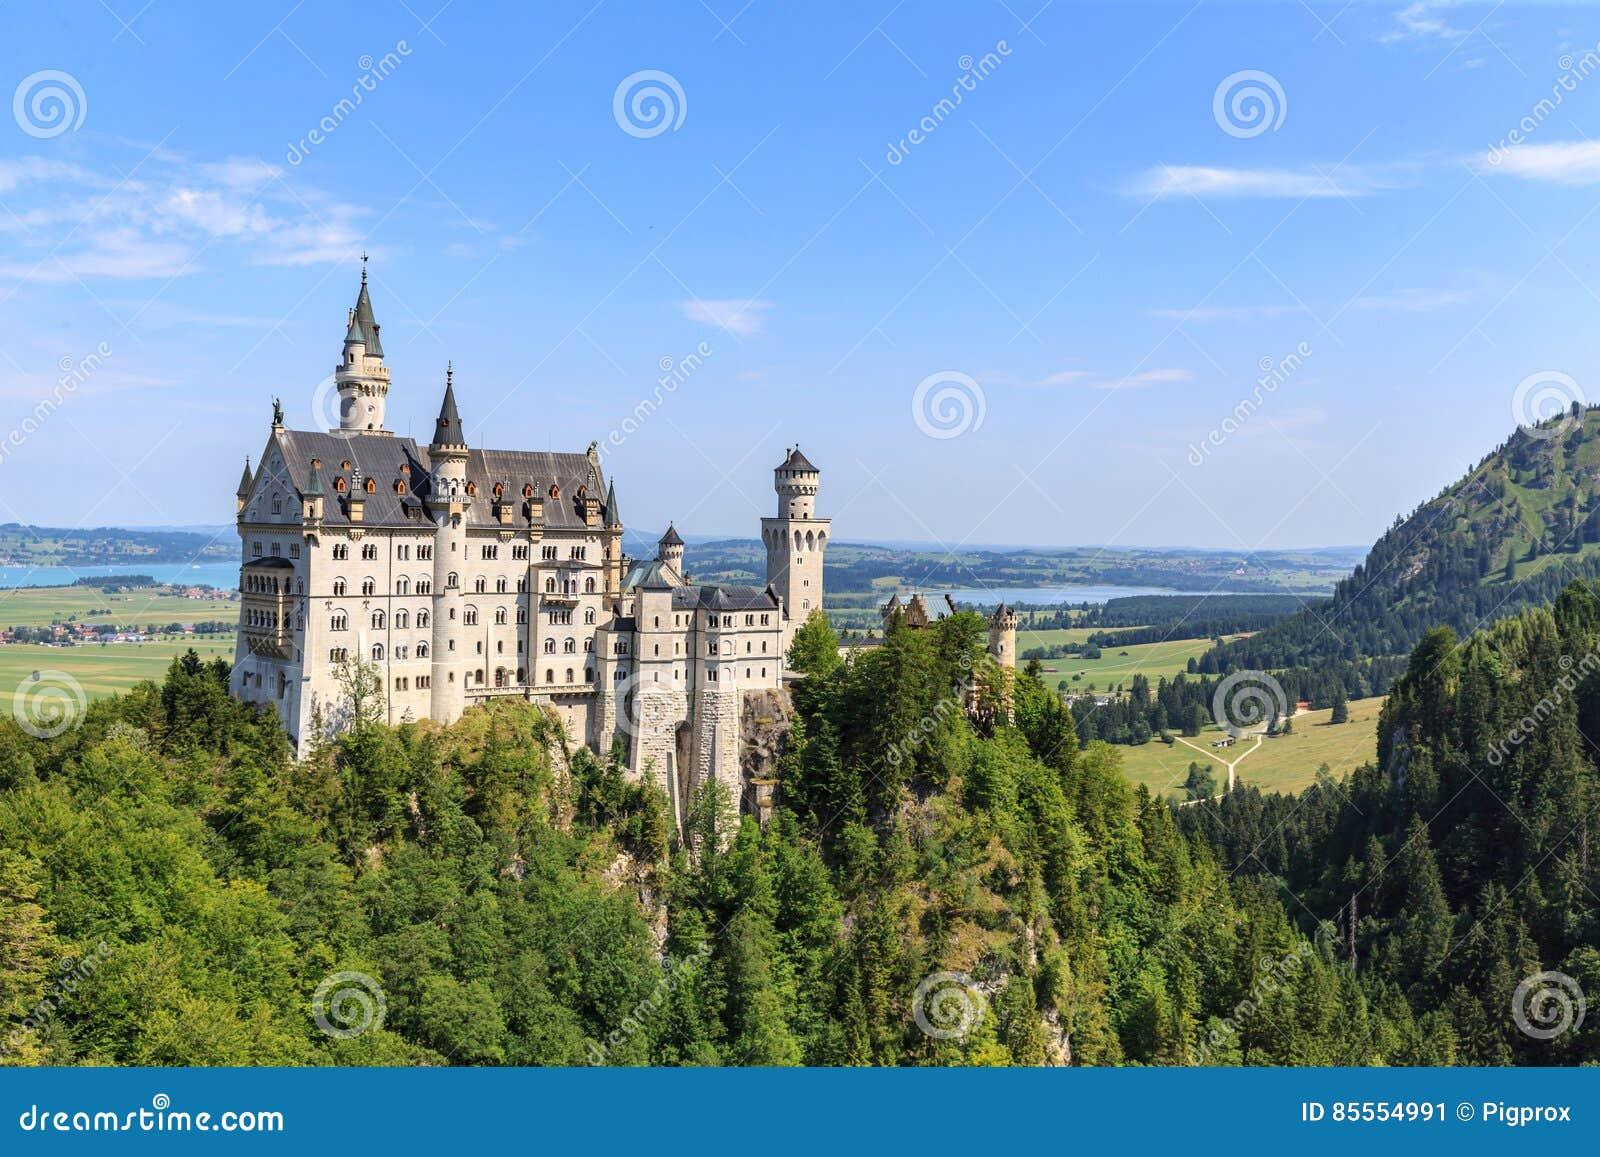 Neuschwanstein-Schloss in den bayerischen Alpen